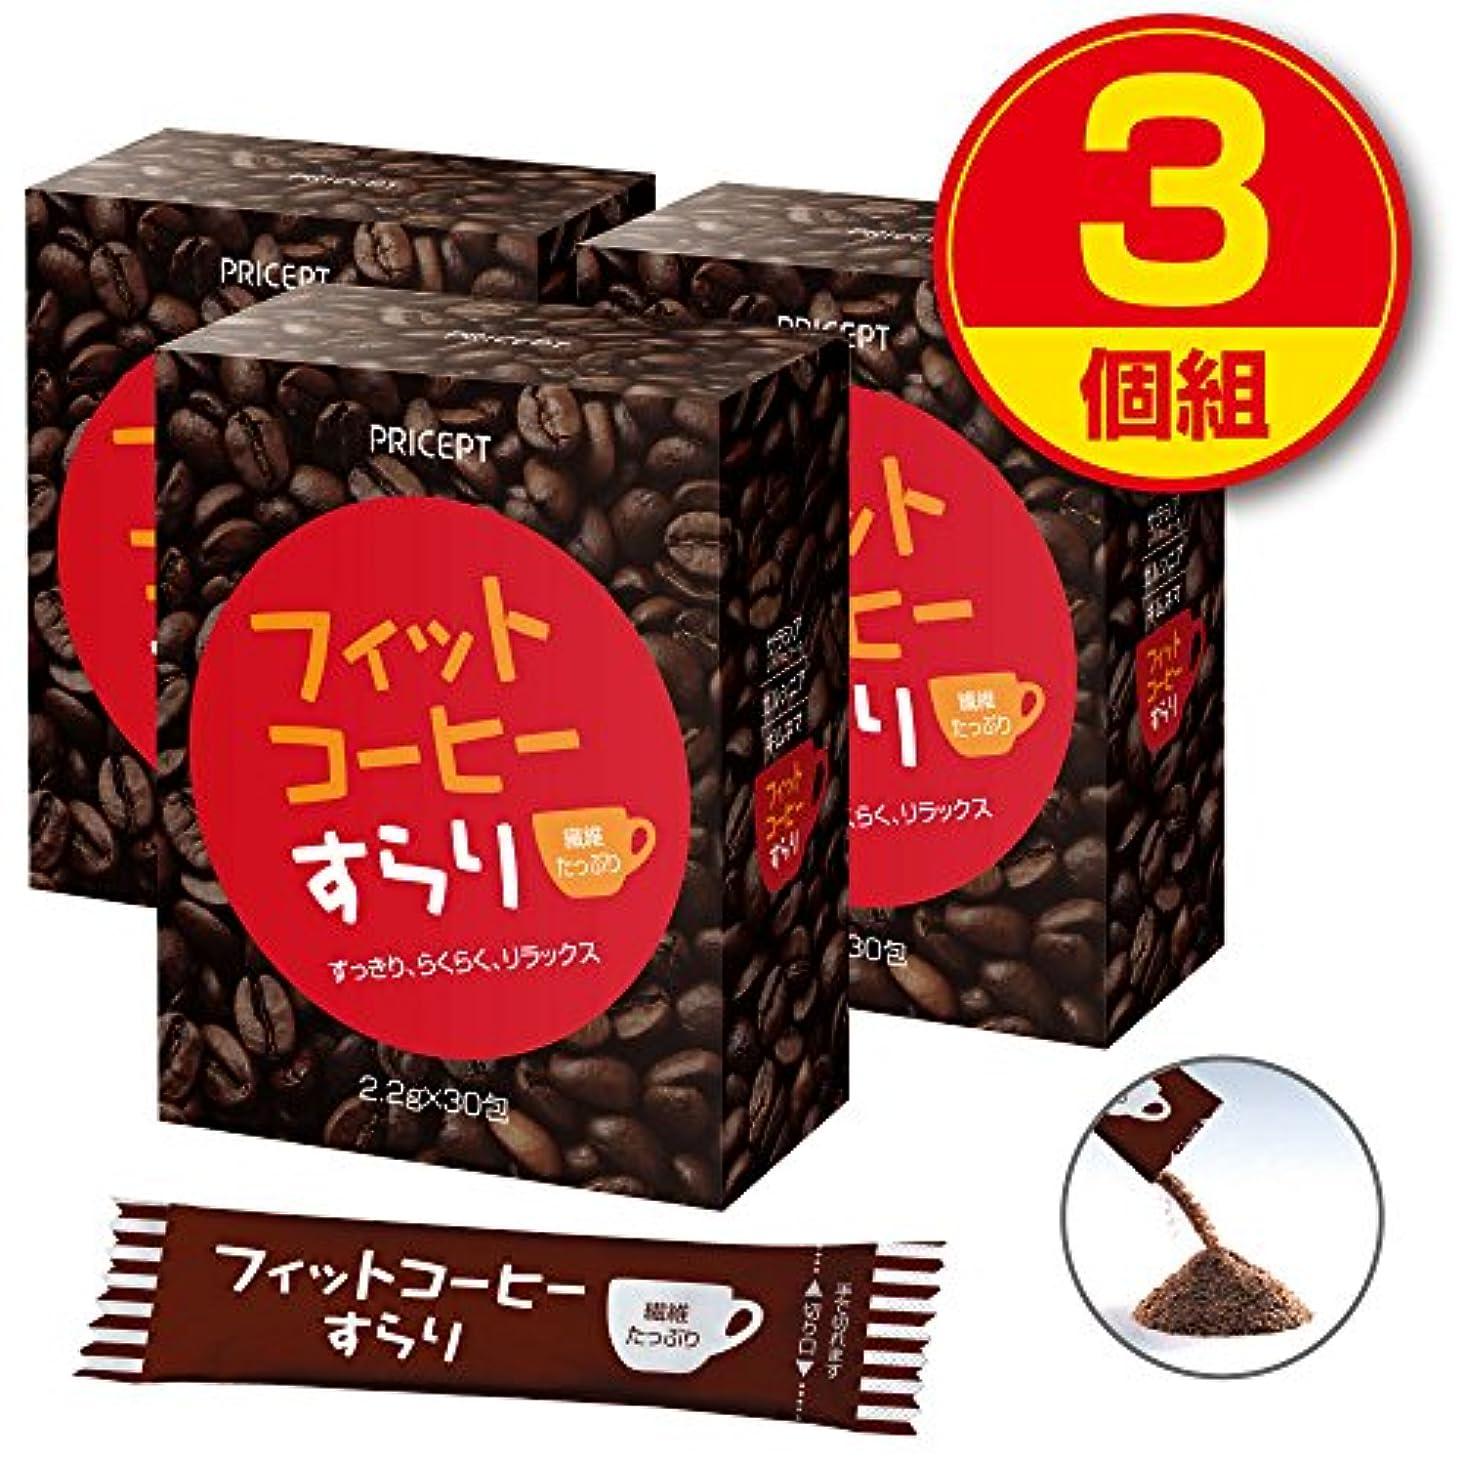 メトロポリタン汚染見捨てるプリセプト フィットコーヒーすらり 30包【3個組(90包)】(ダイエットサポートコーヒー)